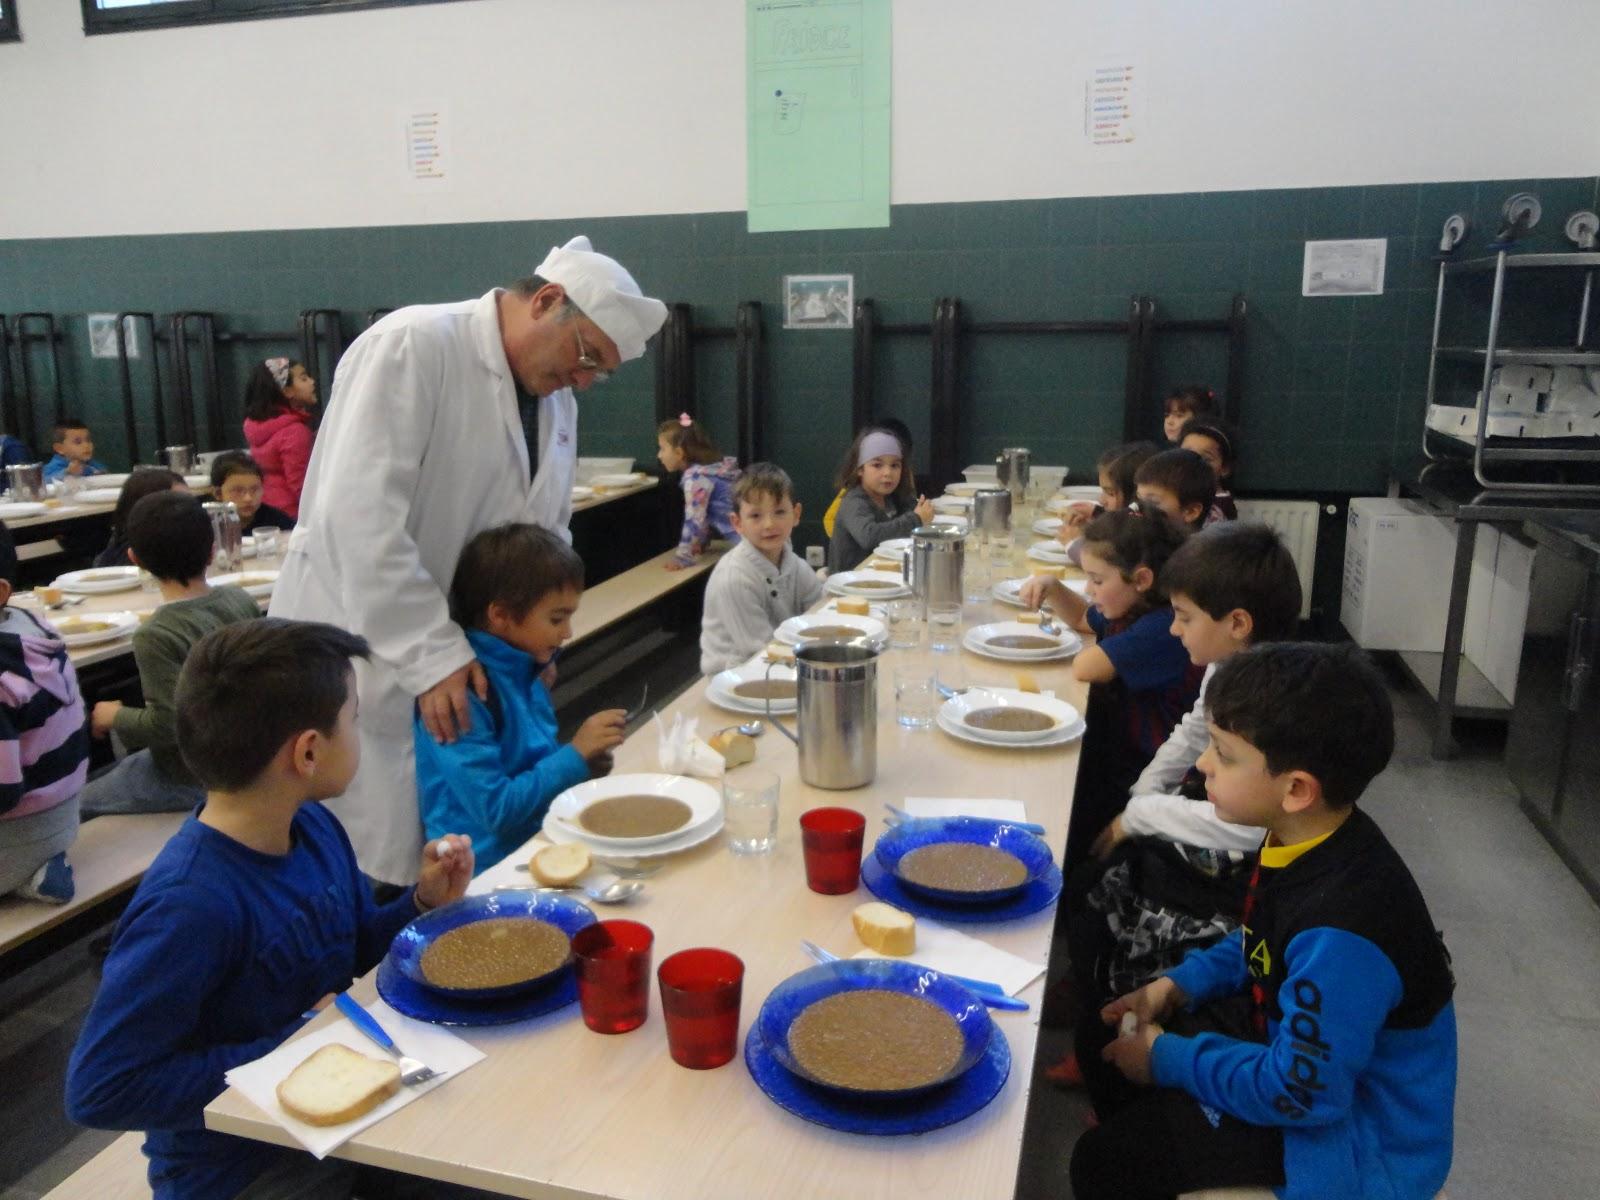 Escuela p blica luis bri as santutxu comedor - Comedores escolares normativa ...